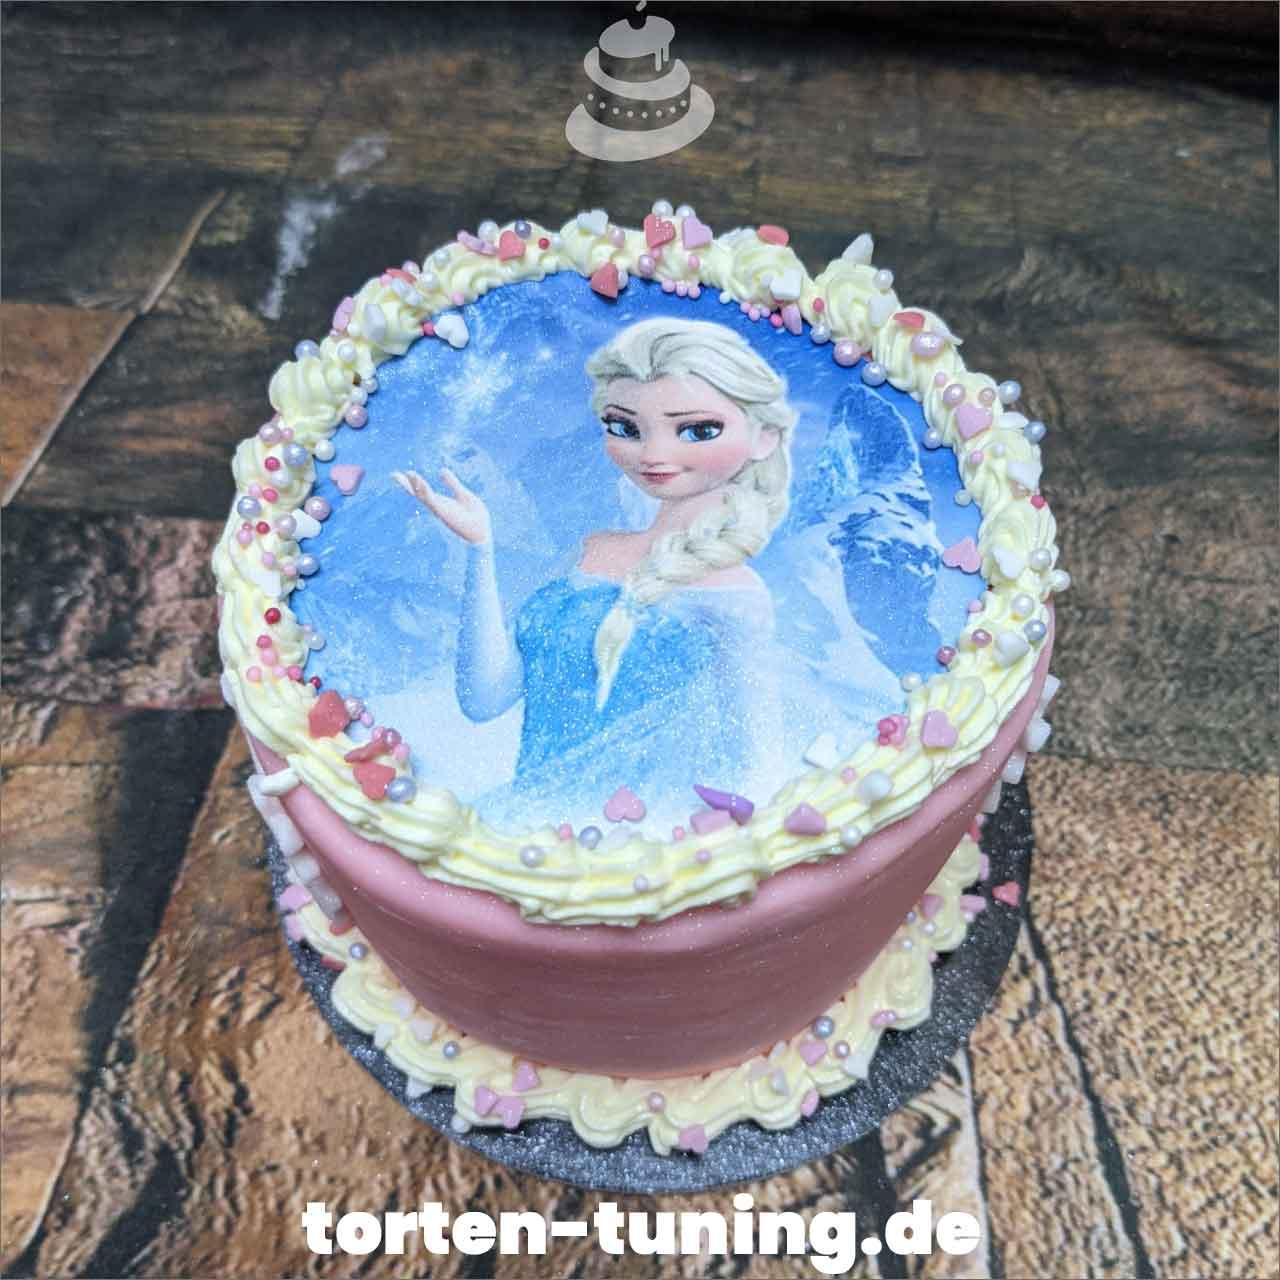 Frozen Dripcake Obsttorte Geburtstagstorte Motivtorte Torte Tortendekoration Torte online bestellen Suhl Thüringen Torten Tuning Sahnetorte Tortenfiguren Cake Topper